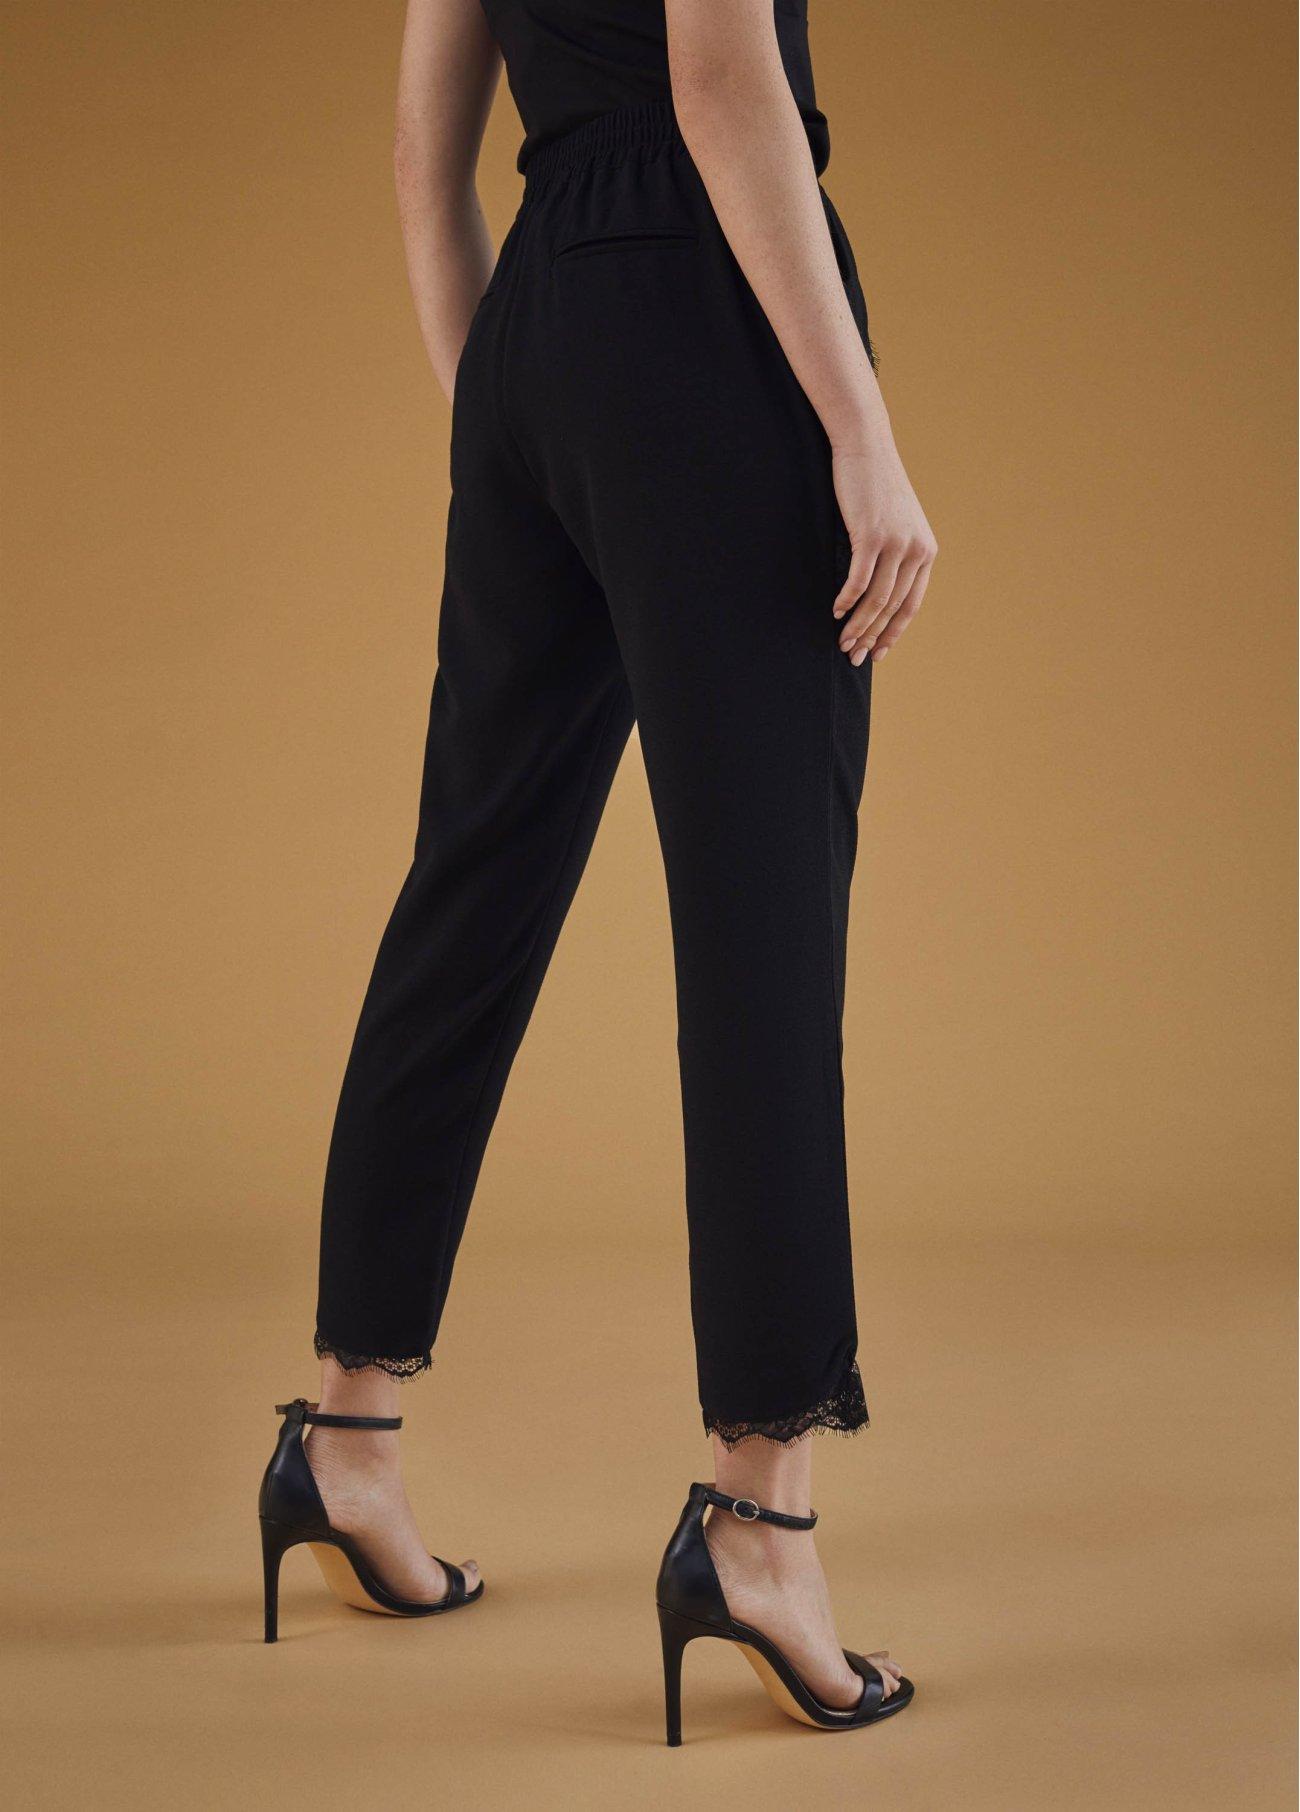 Pantalón jogging con puntilla, negro 2